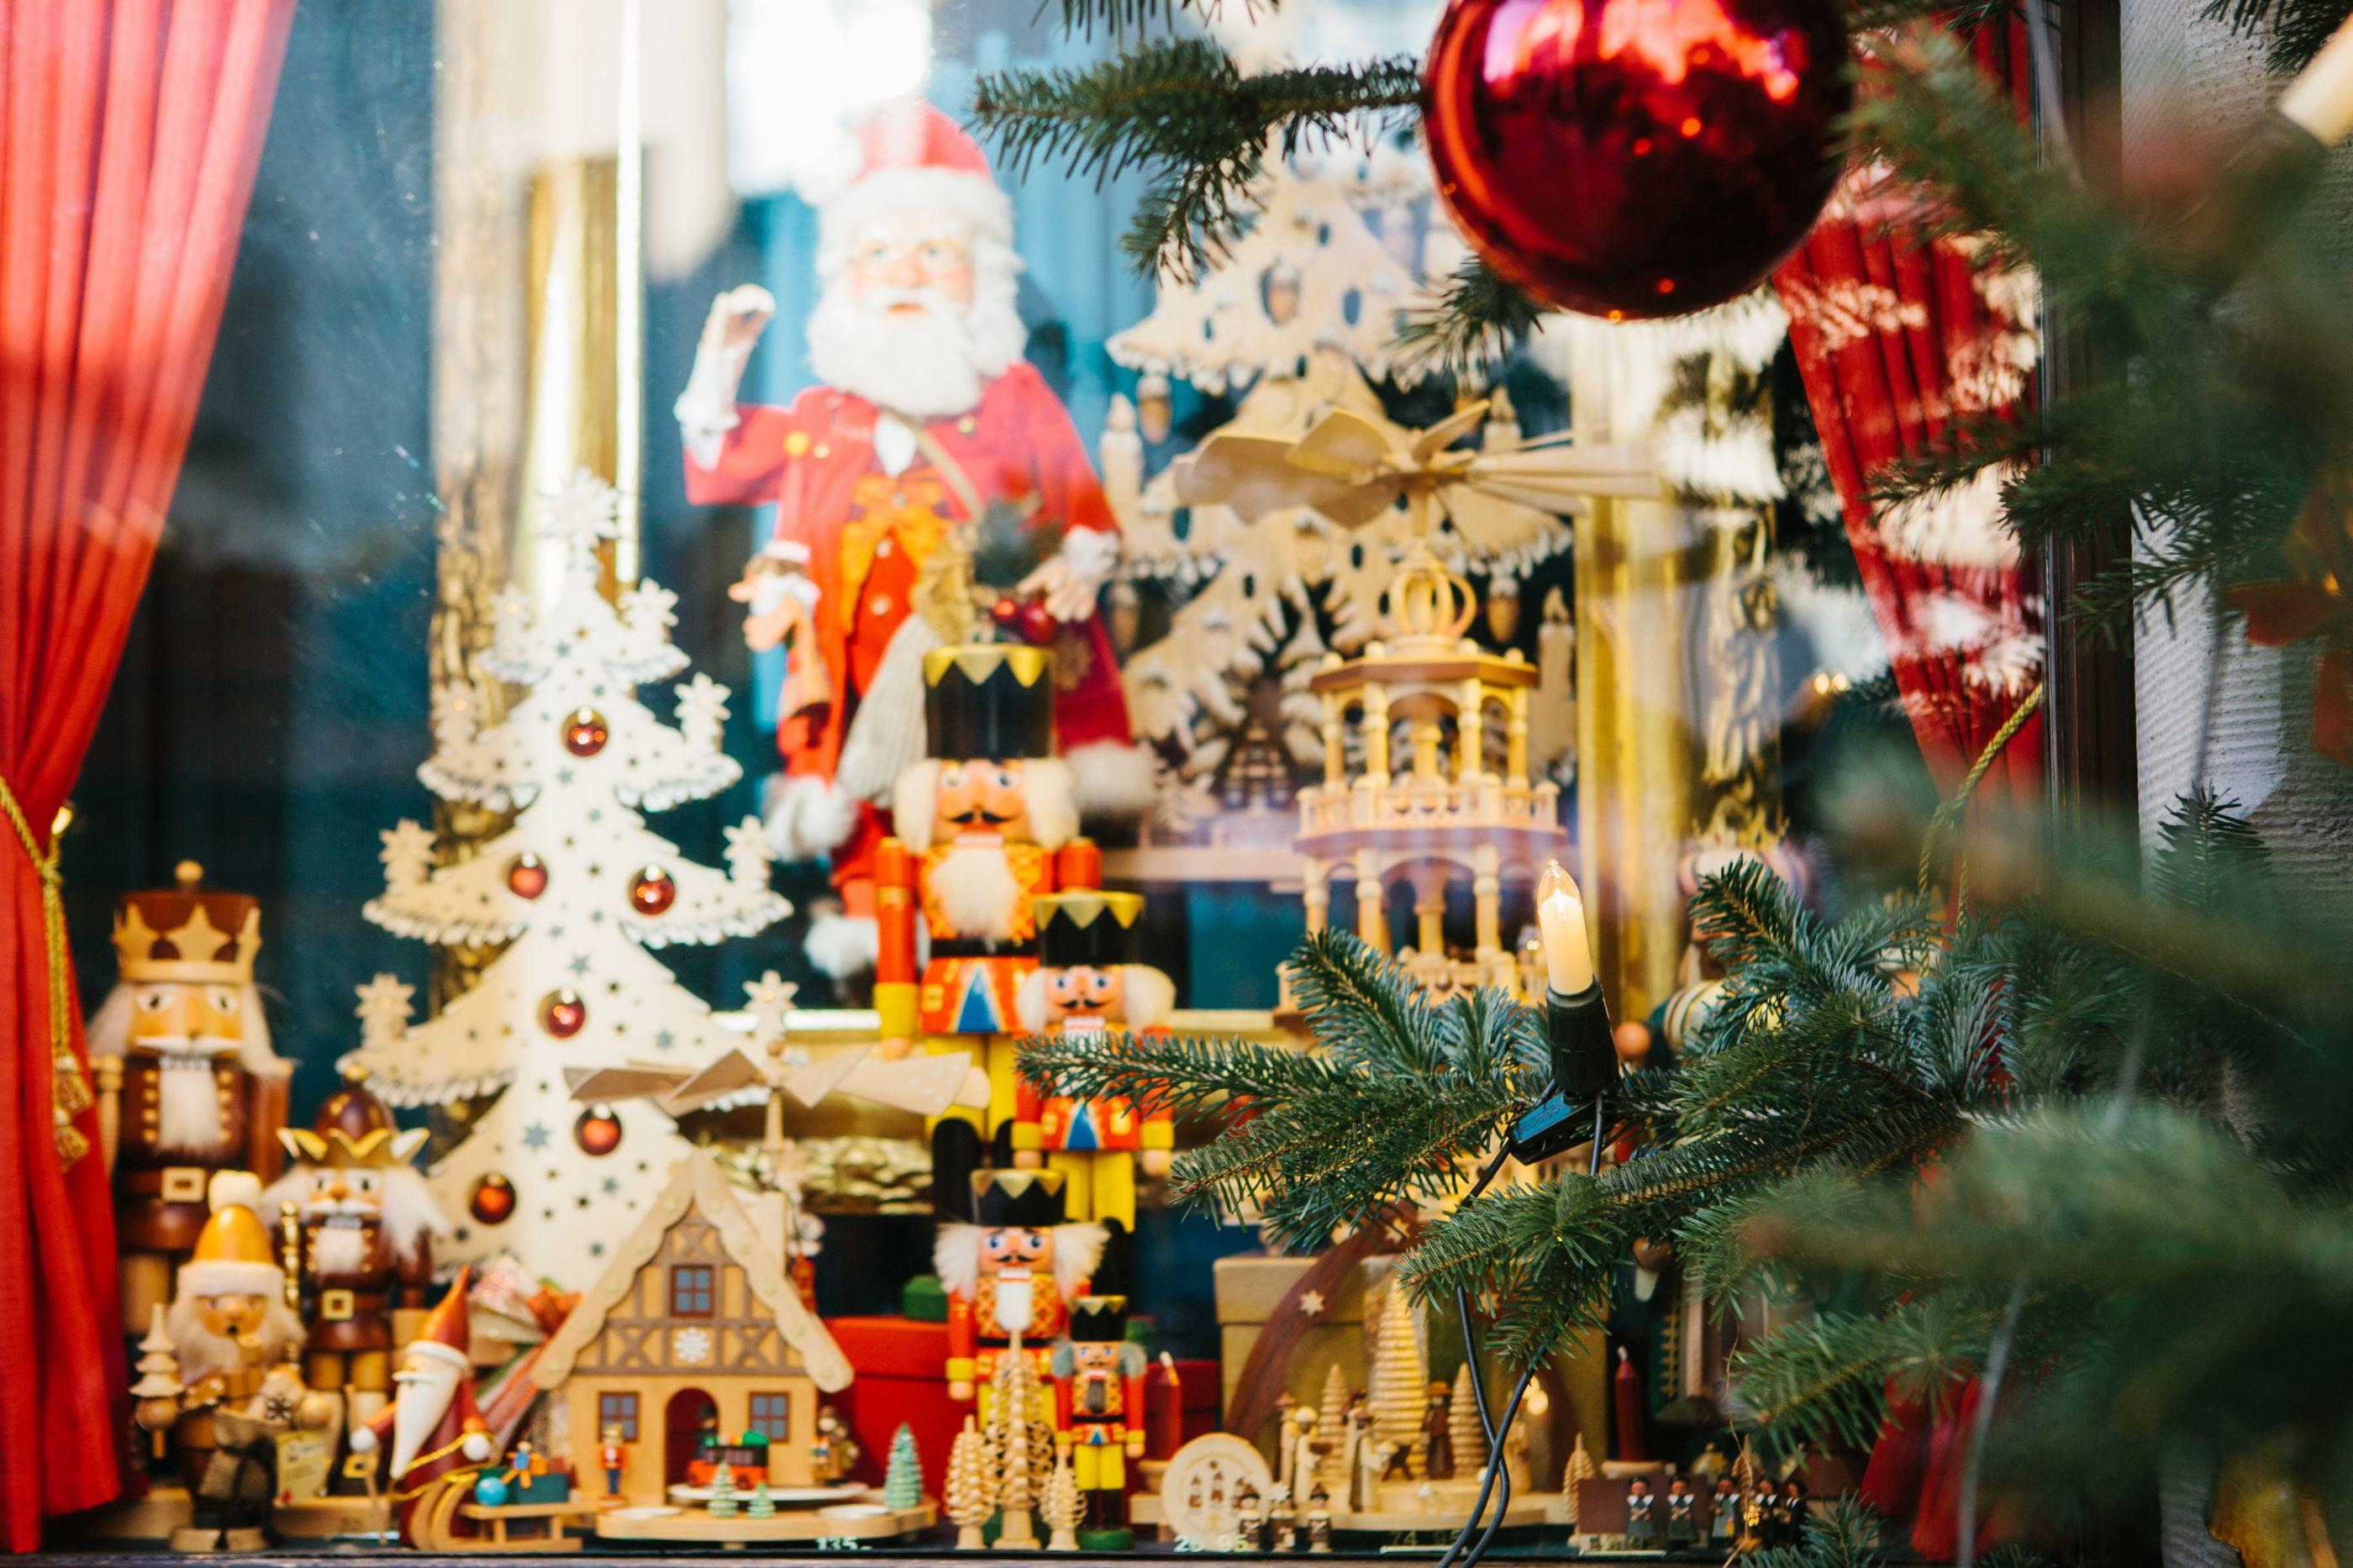 Esta ação solidária tem forma de (mini) feira popular de Natal